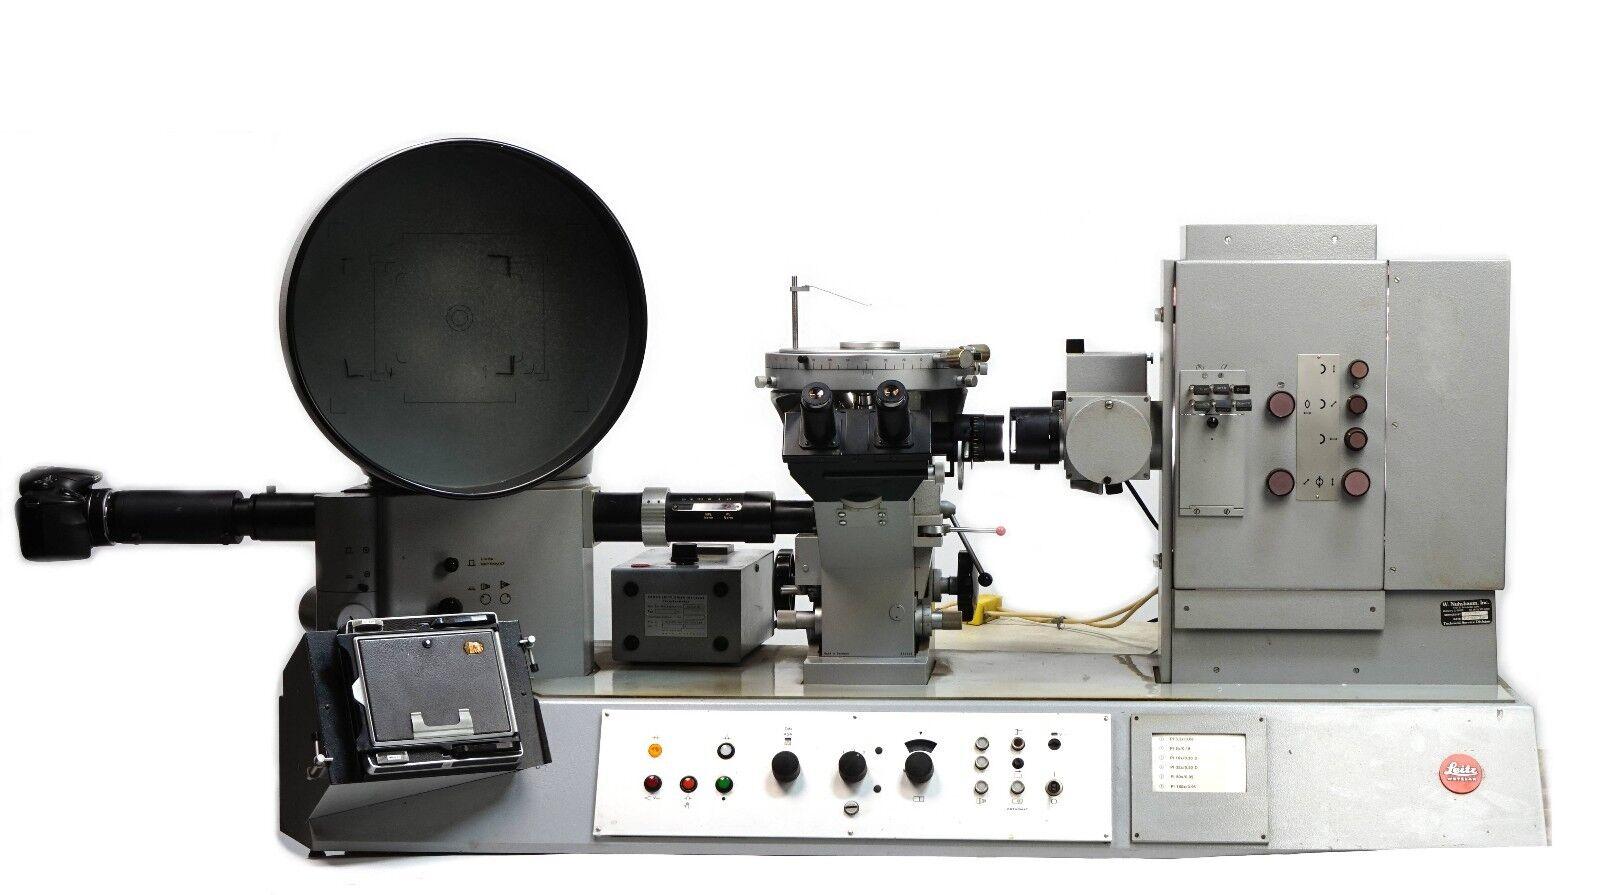 Leitz MM6 Microscope